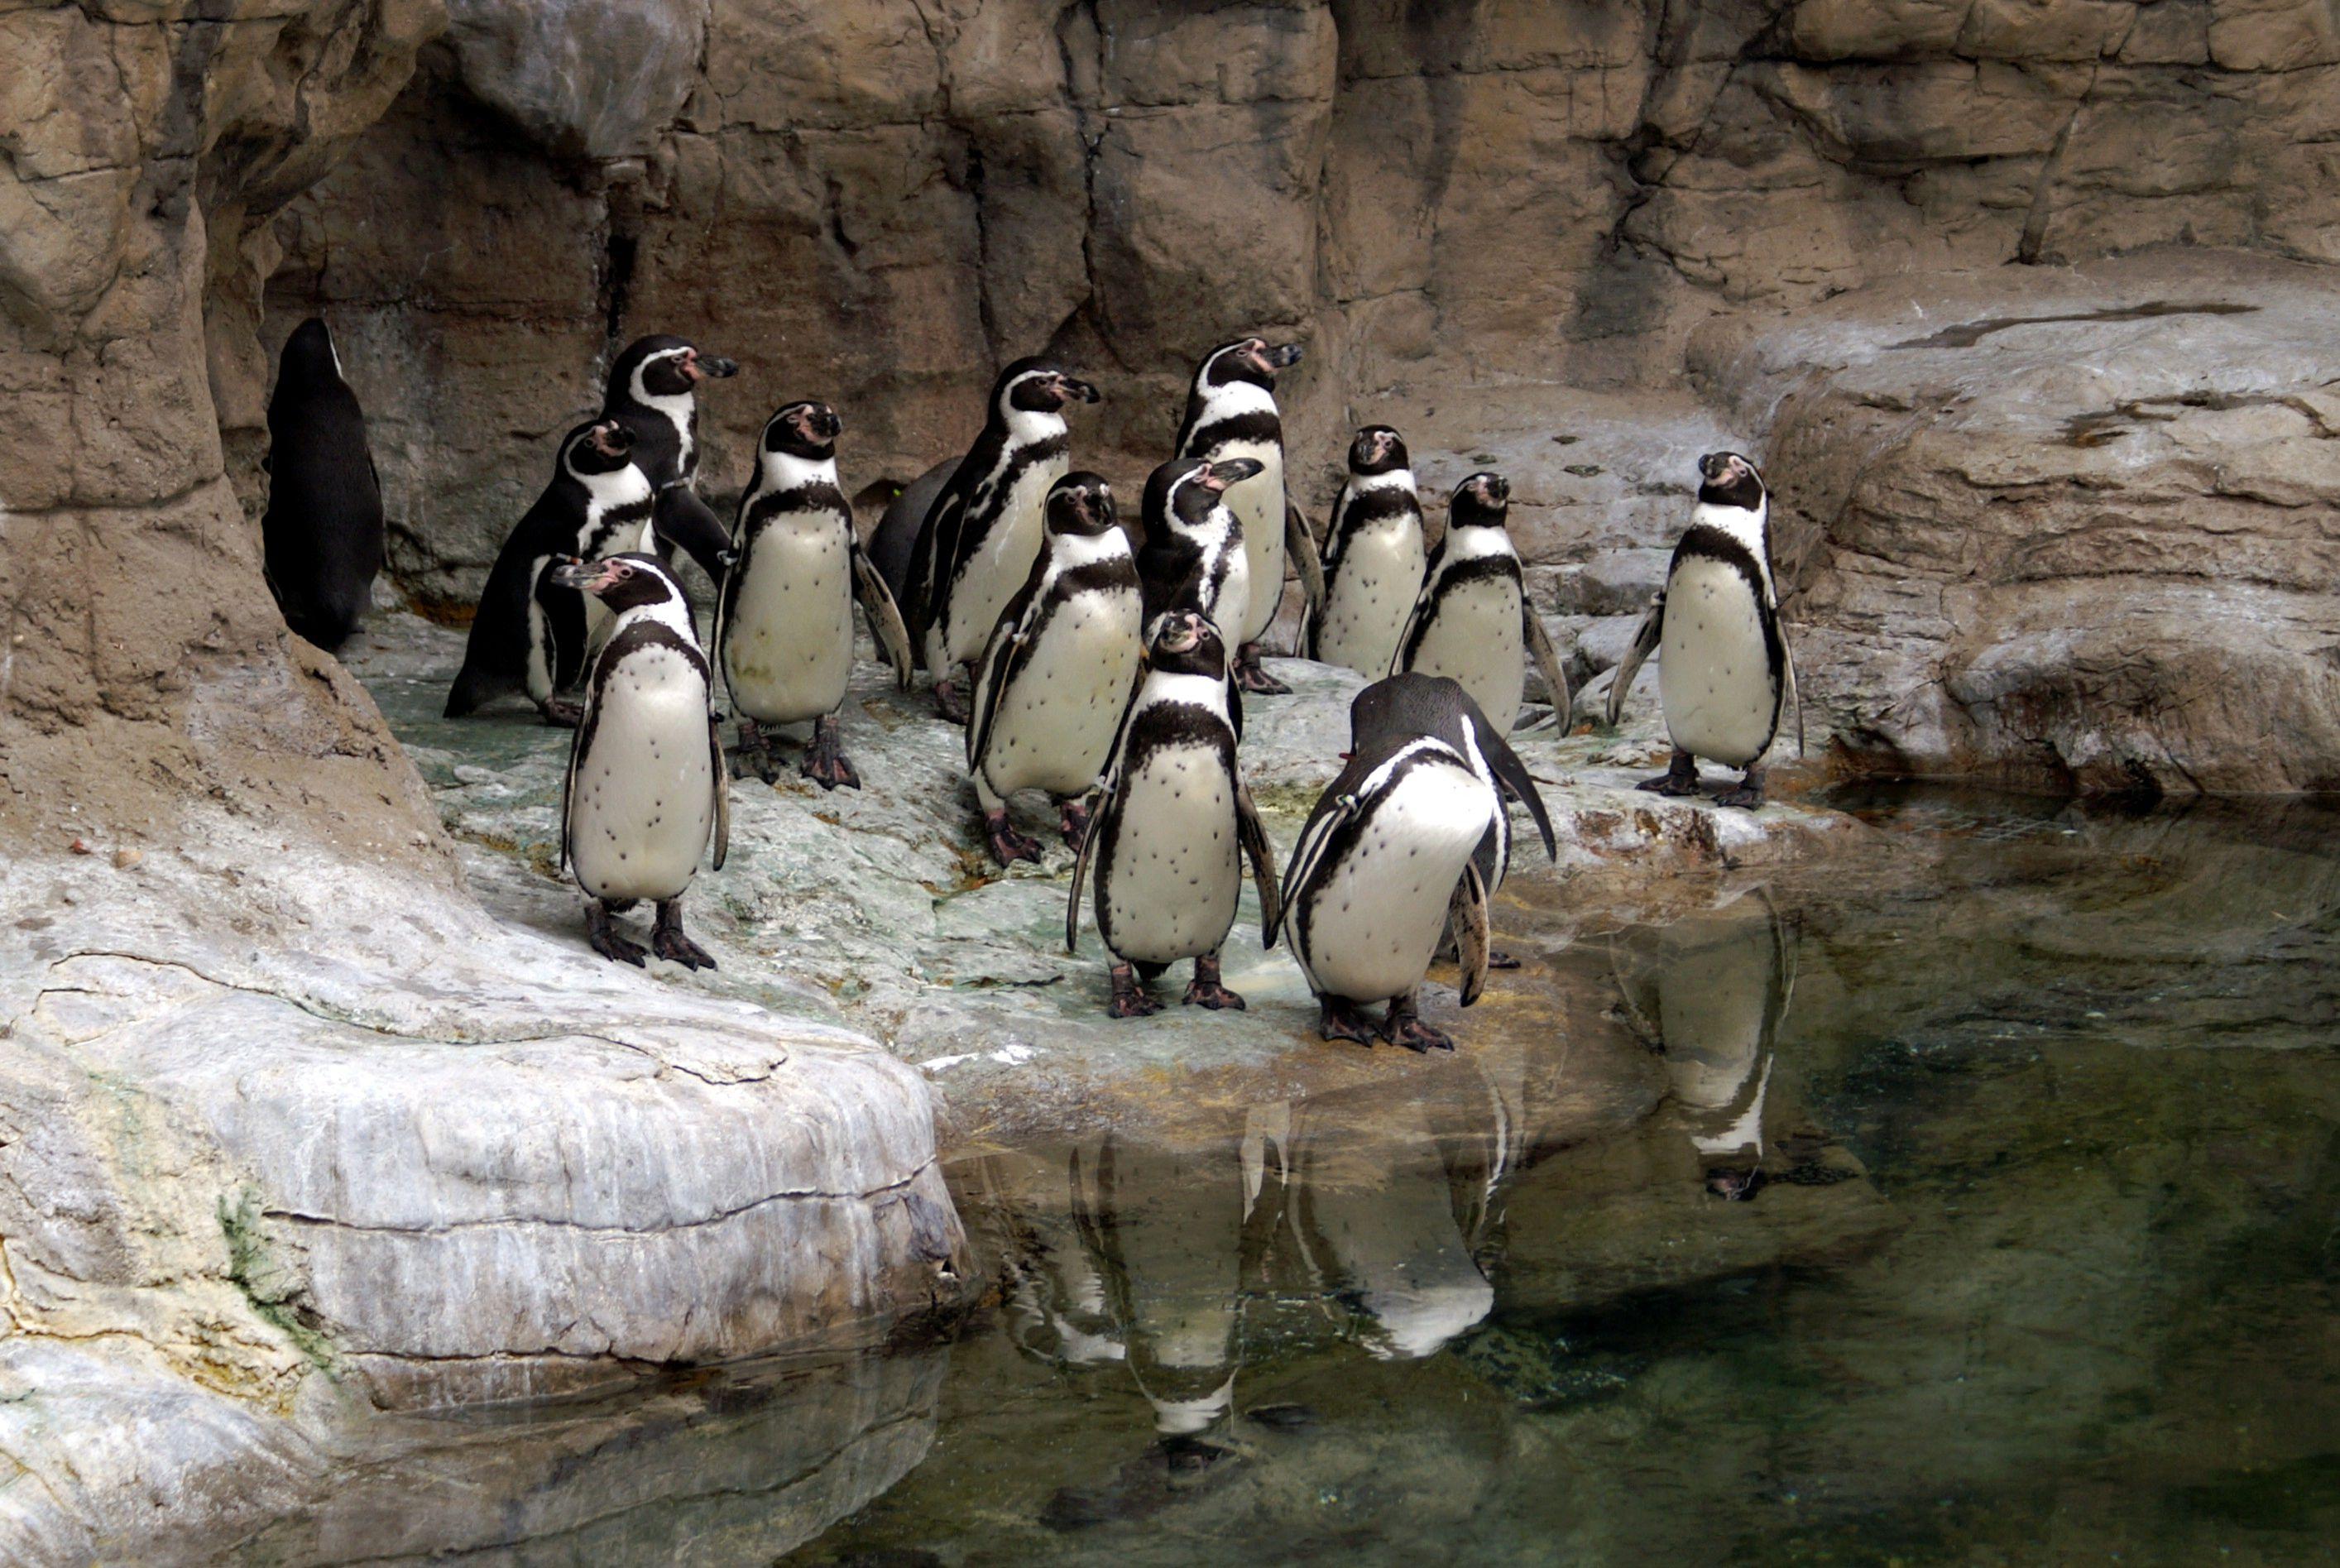 Grupo de pingüinos en el zoológico de St. Louis